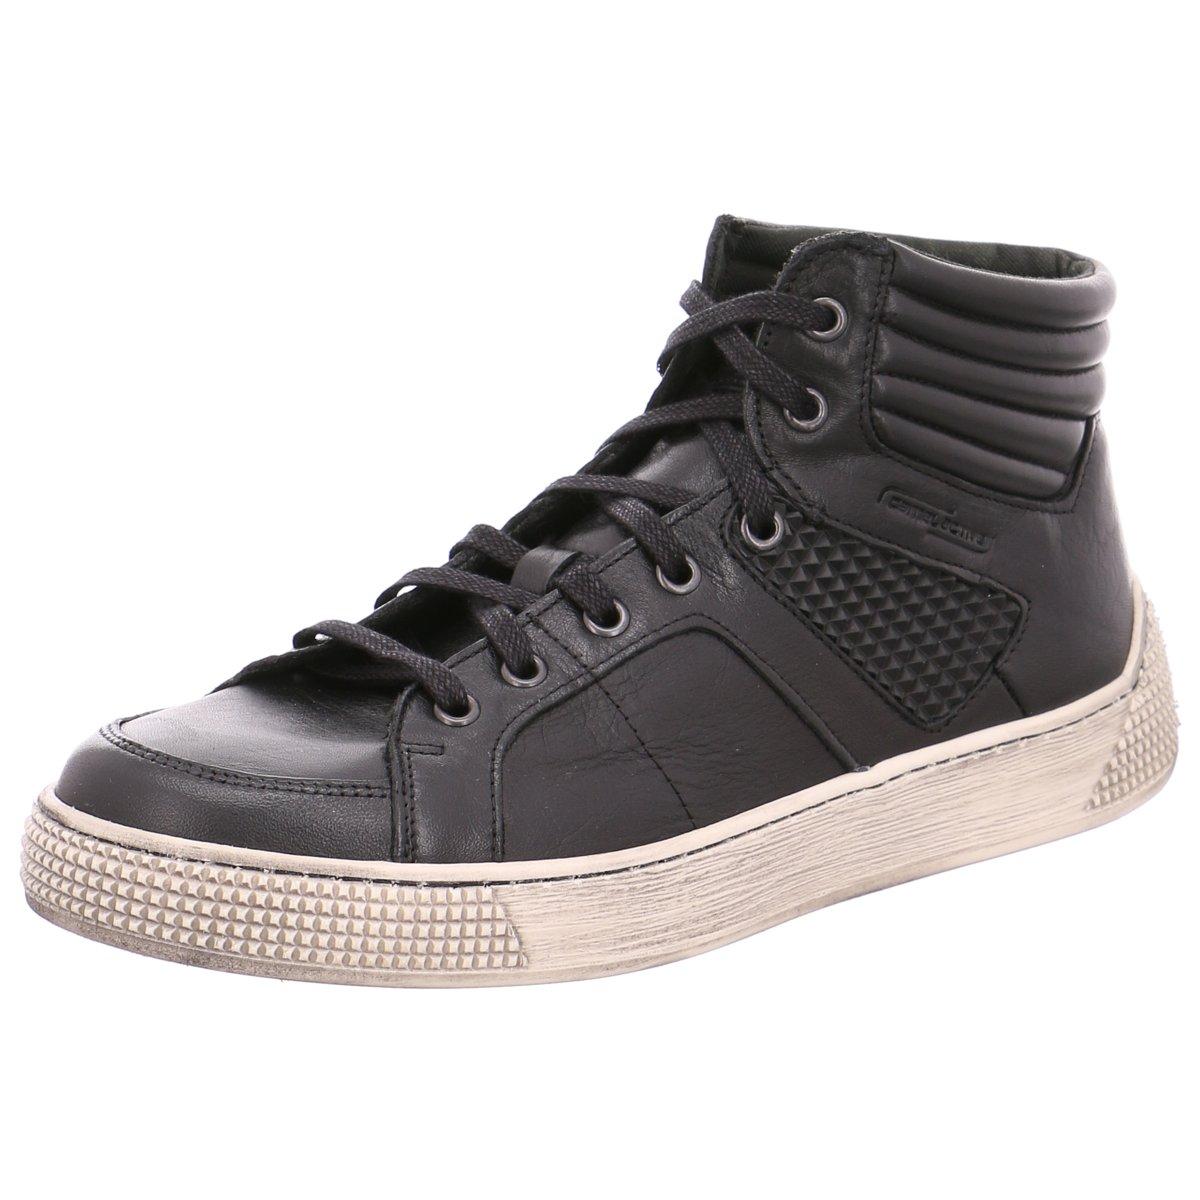 NEU camel active Herren Sneaker Cocoon 11 465.11.01 schwarz 170540